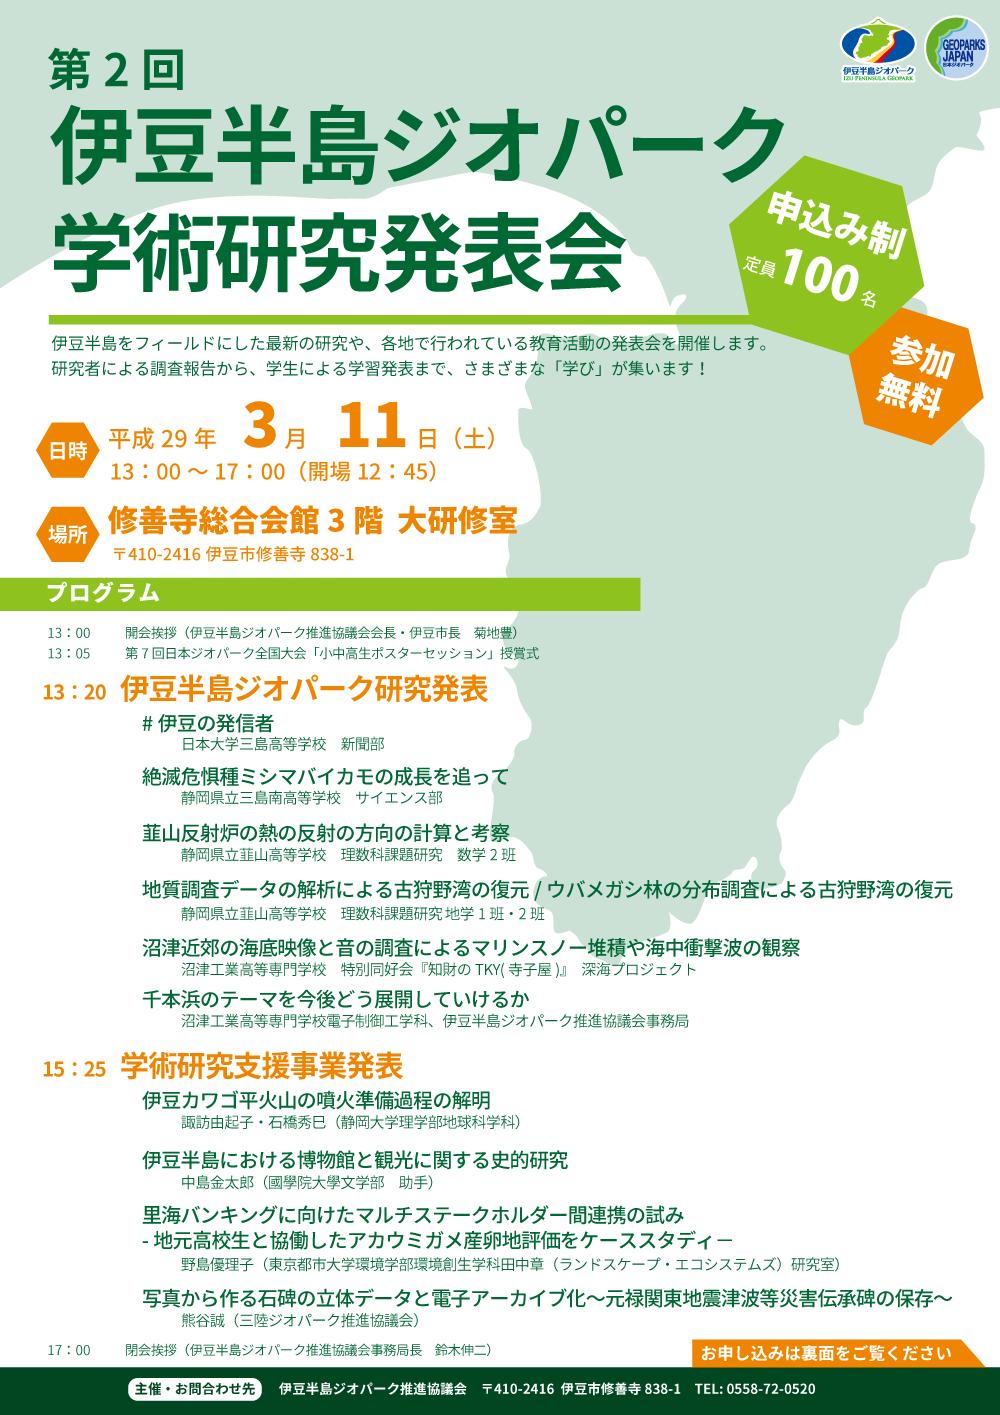 第2回伊豆半島ジオパーク学術研究発表チラシ表